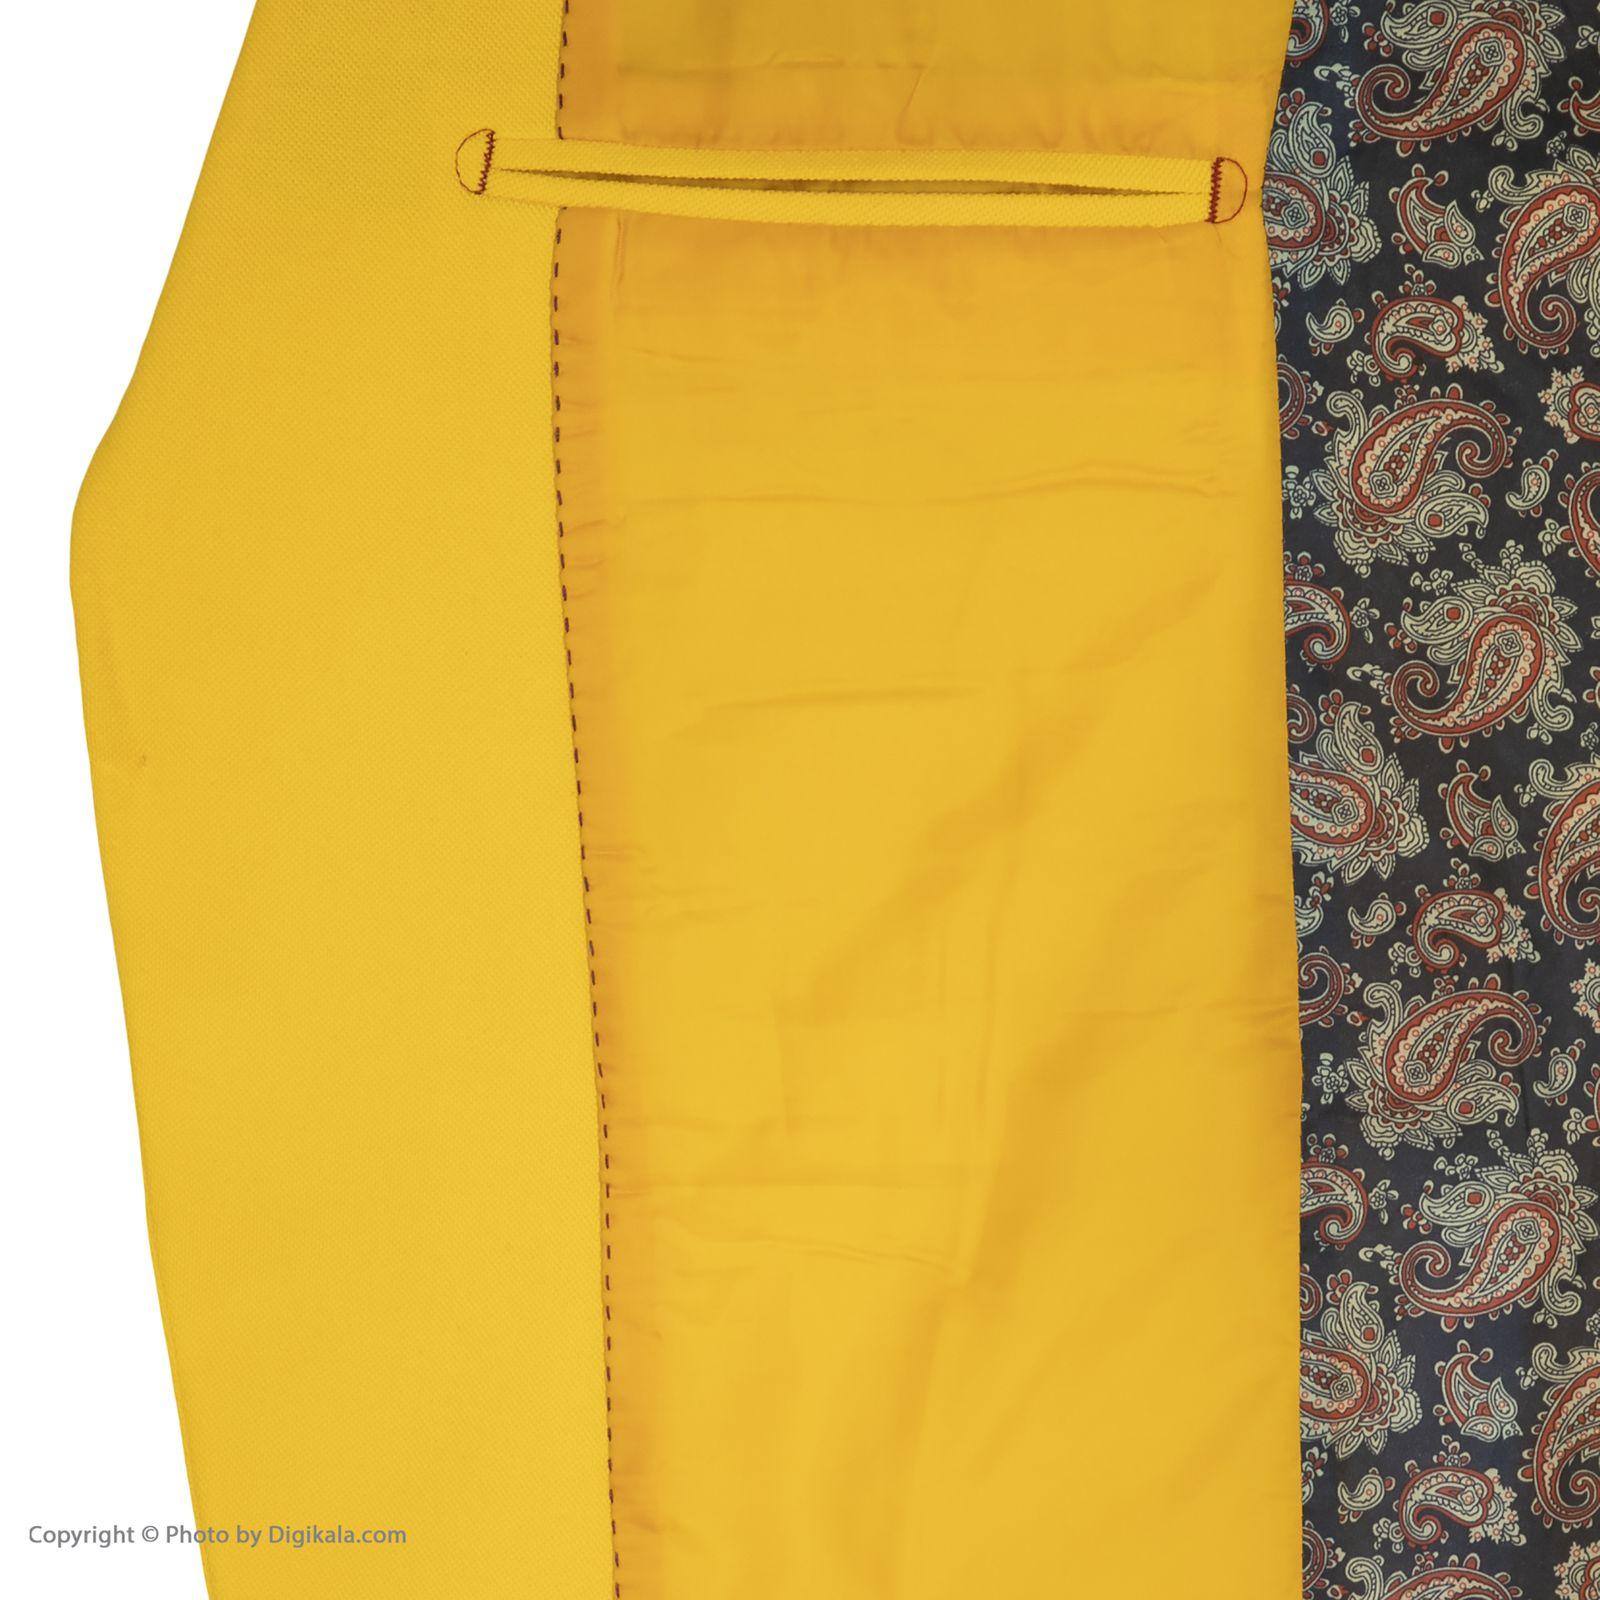 کت تک مردانه ان سی نو مدل جانسو رنگ زرد -  - 2